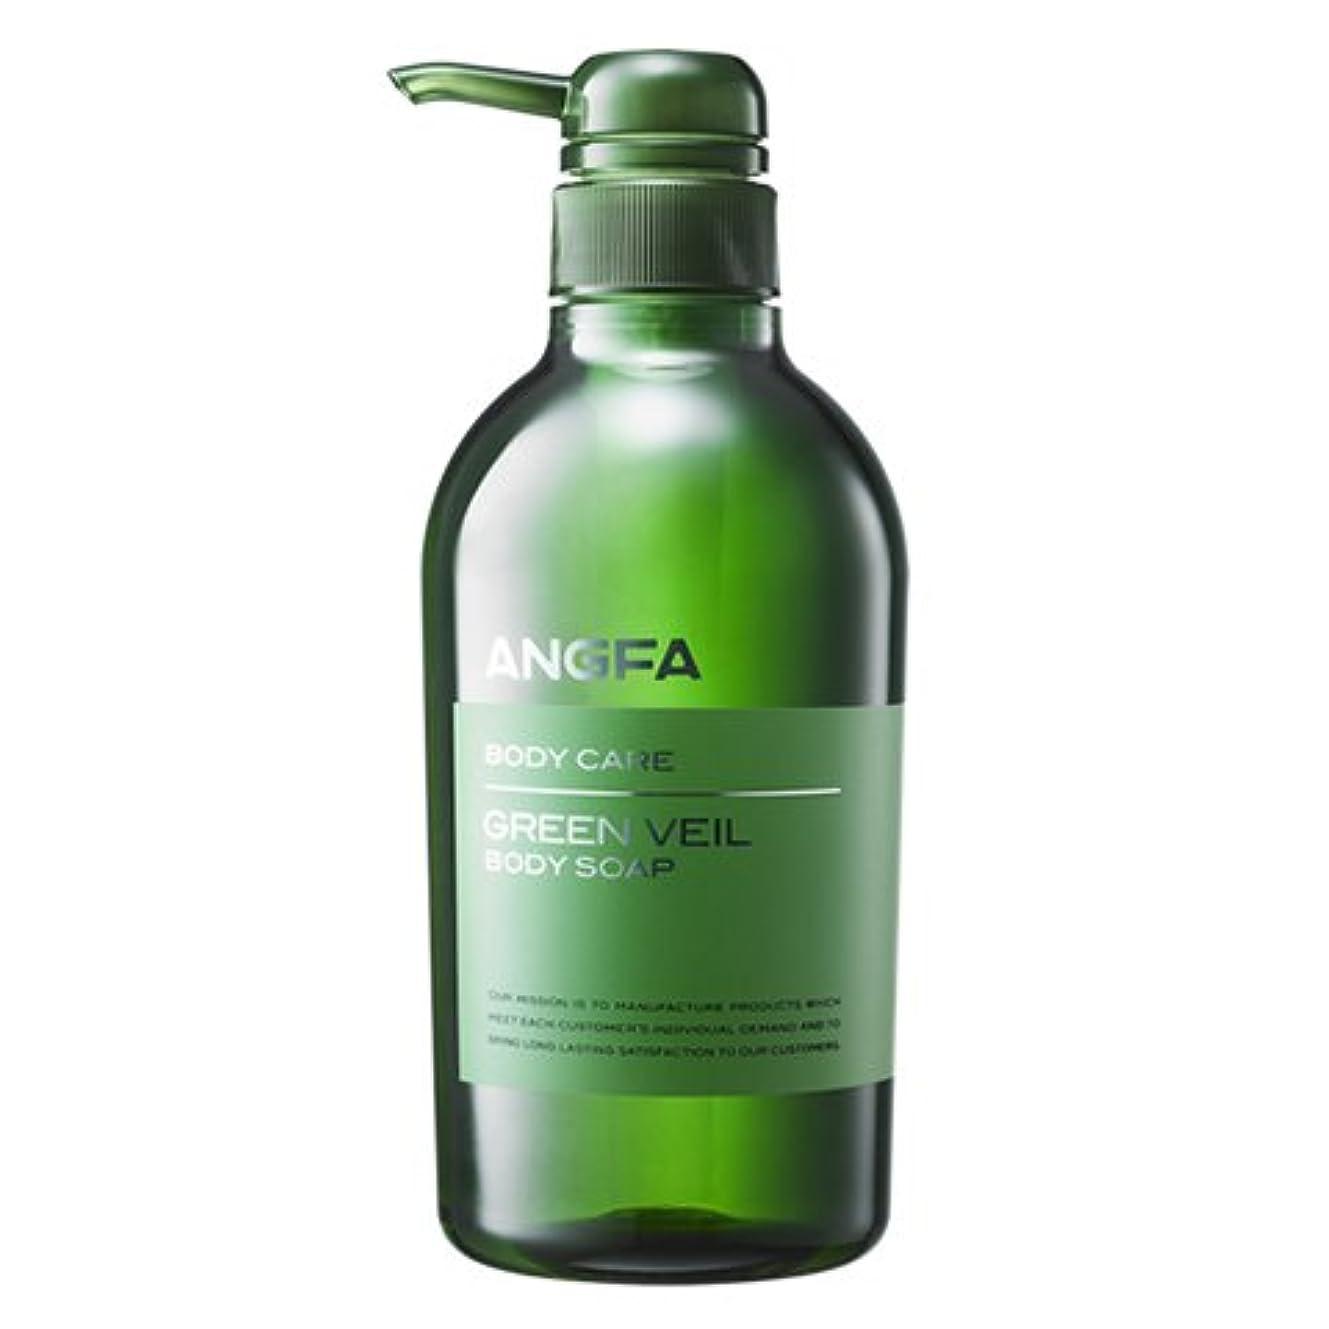 写真を撮る枯渇する真面目なアンファー (ANGFA) グリーンベール 薬用ボディソープ 500ml グリーンフローラル [乾燥?保湿] かゆみ肌